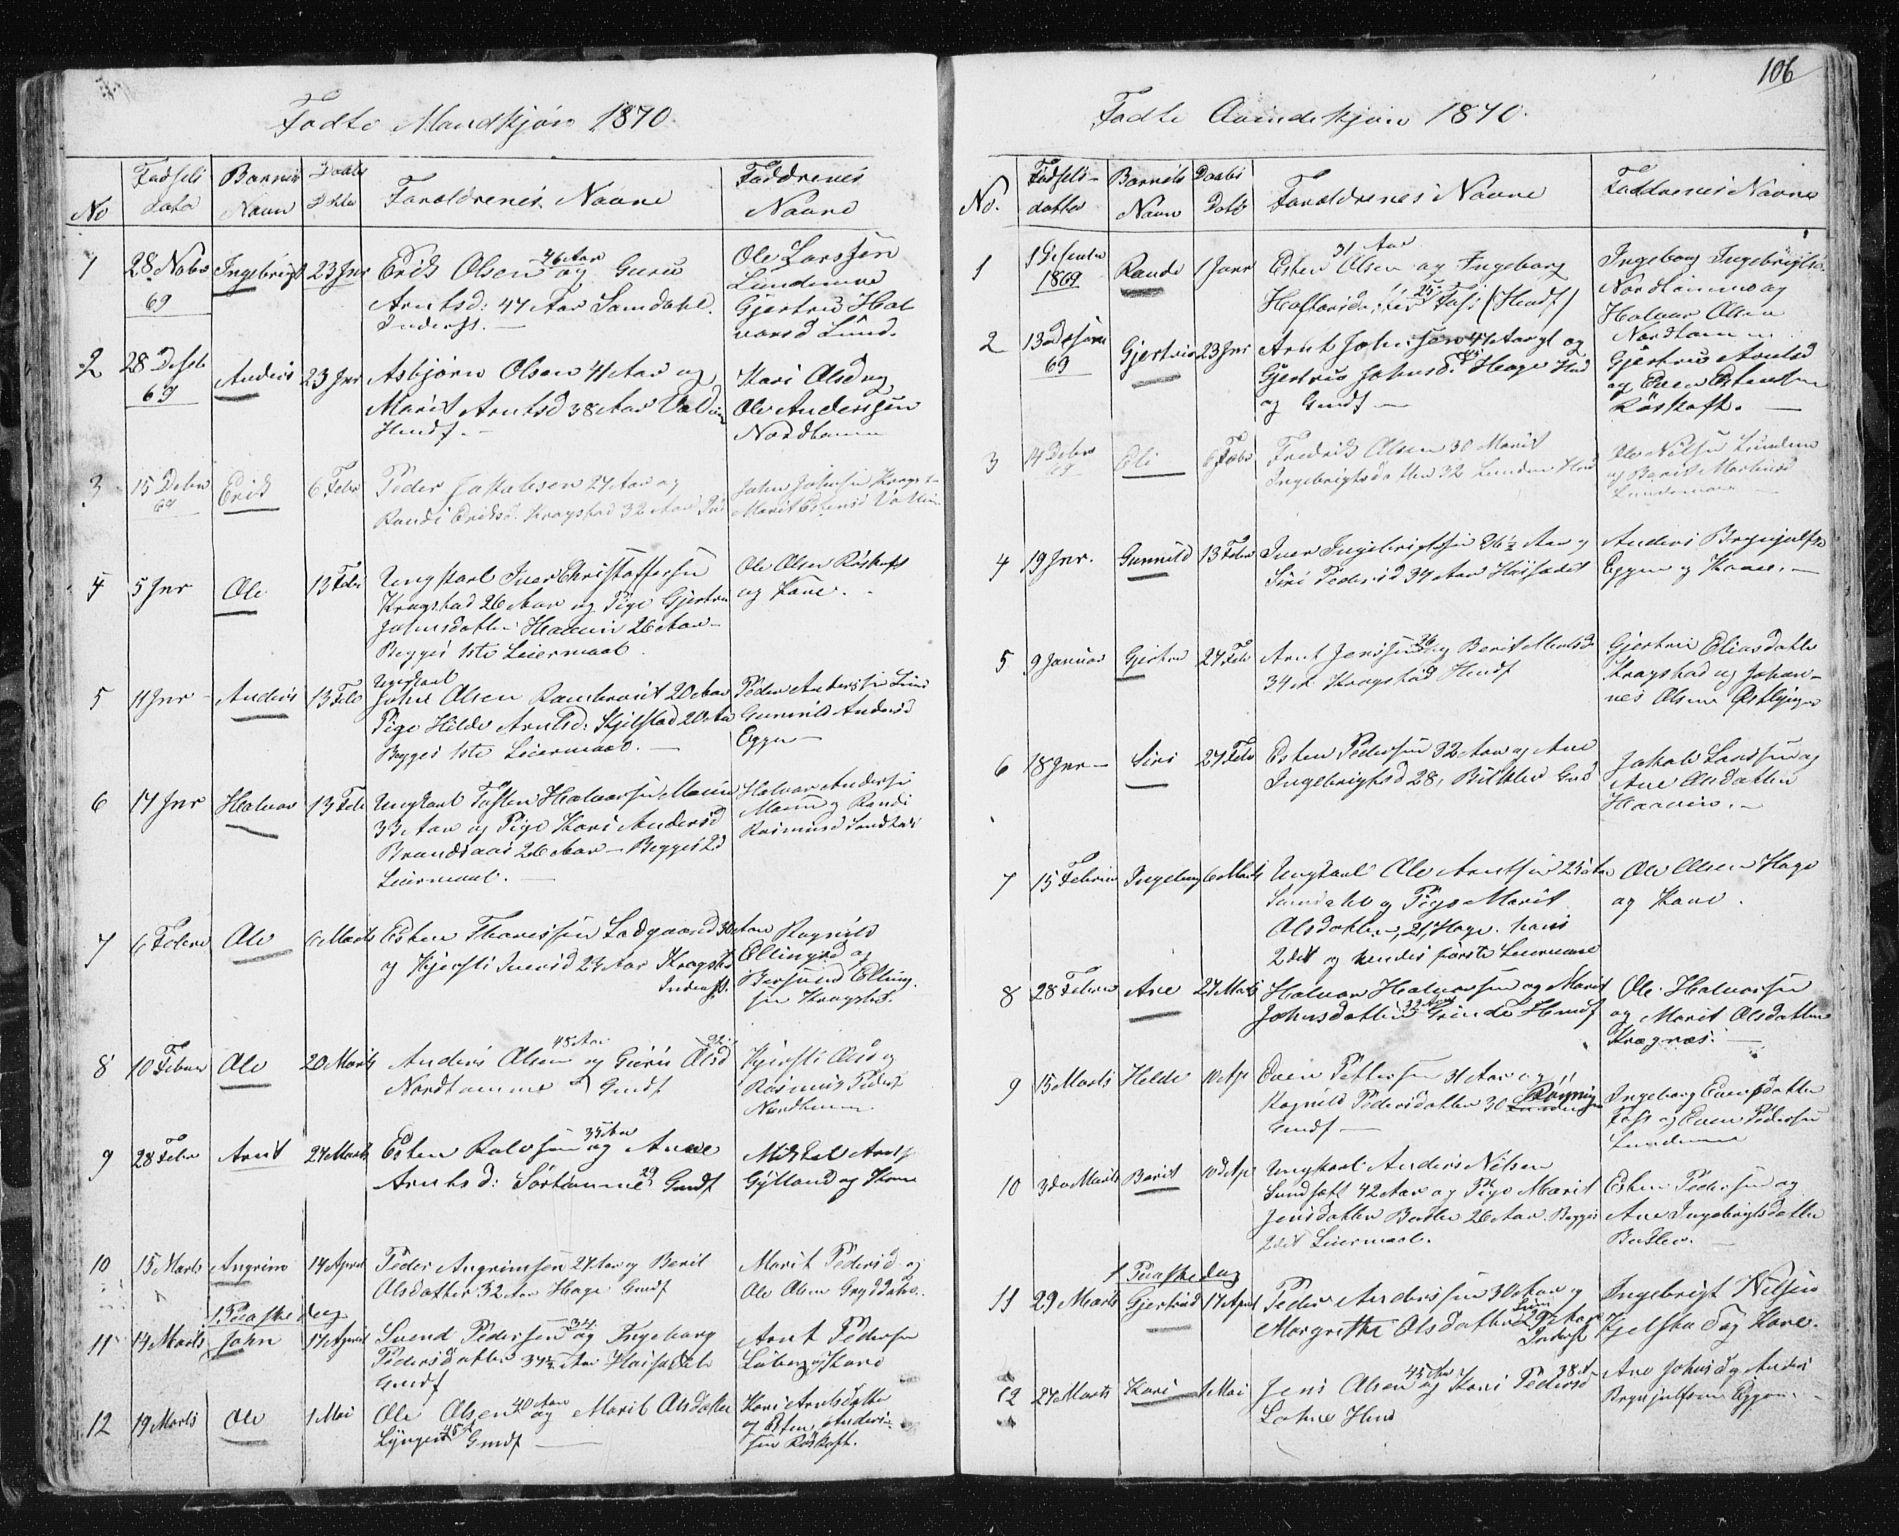 SAT, Ministerialprotokoller, klokkerbøker og fødselsregistre - Sør-Trøndelag, 692/L1110: Klokkerbok nr. 692C05, 1849-1889, s. 106